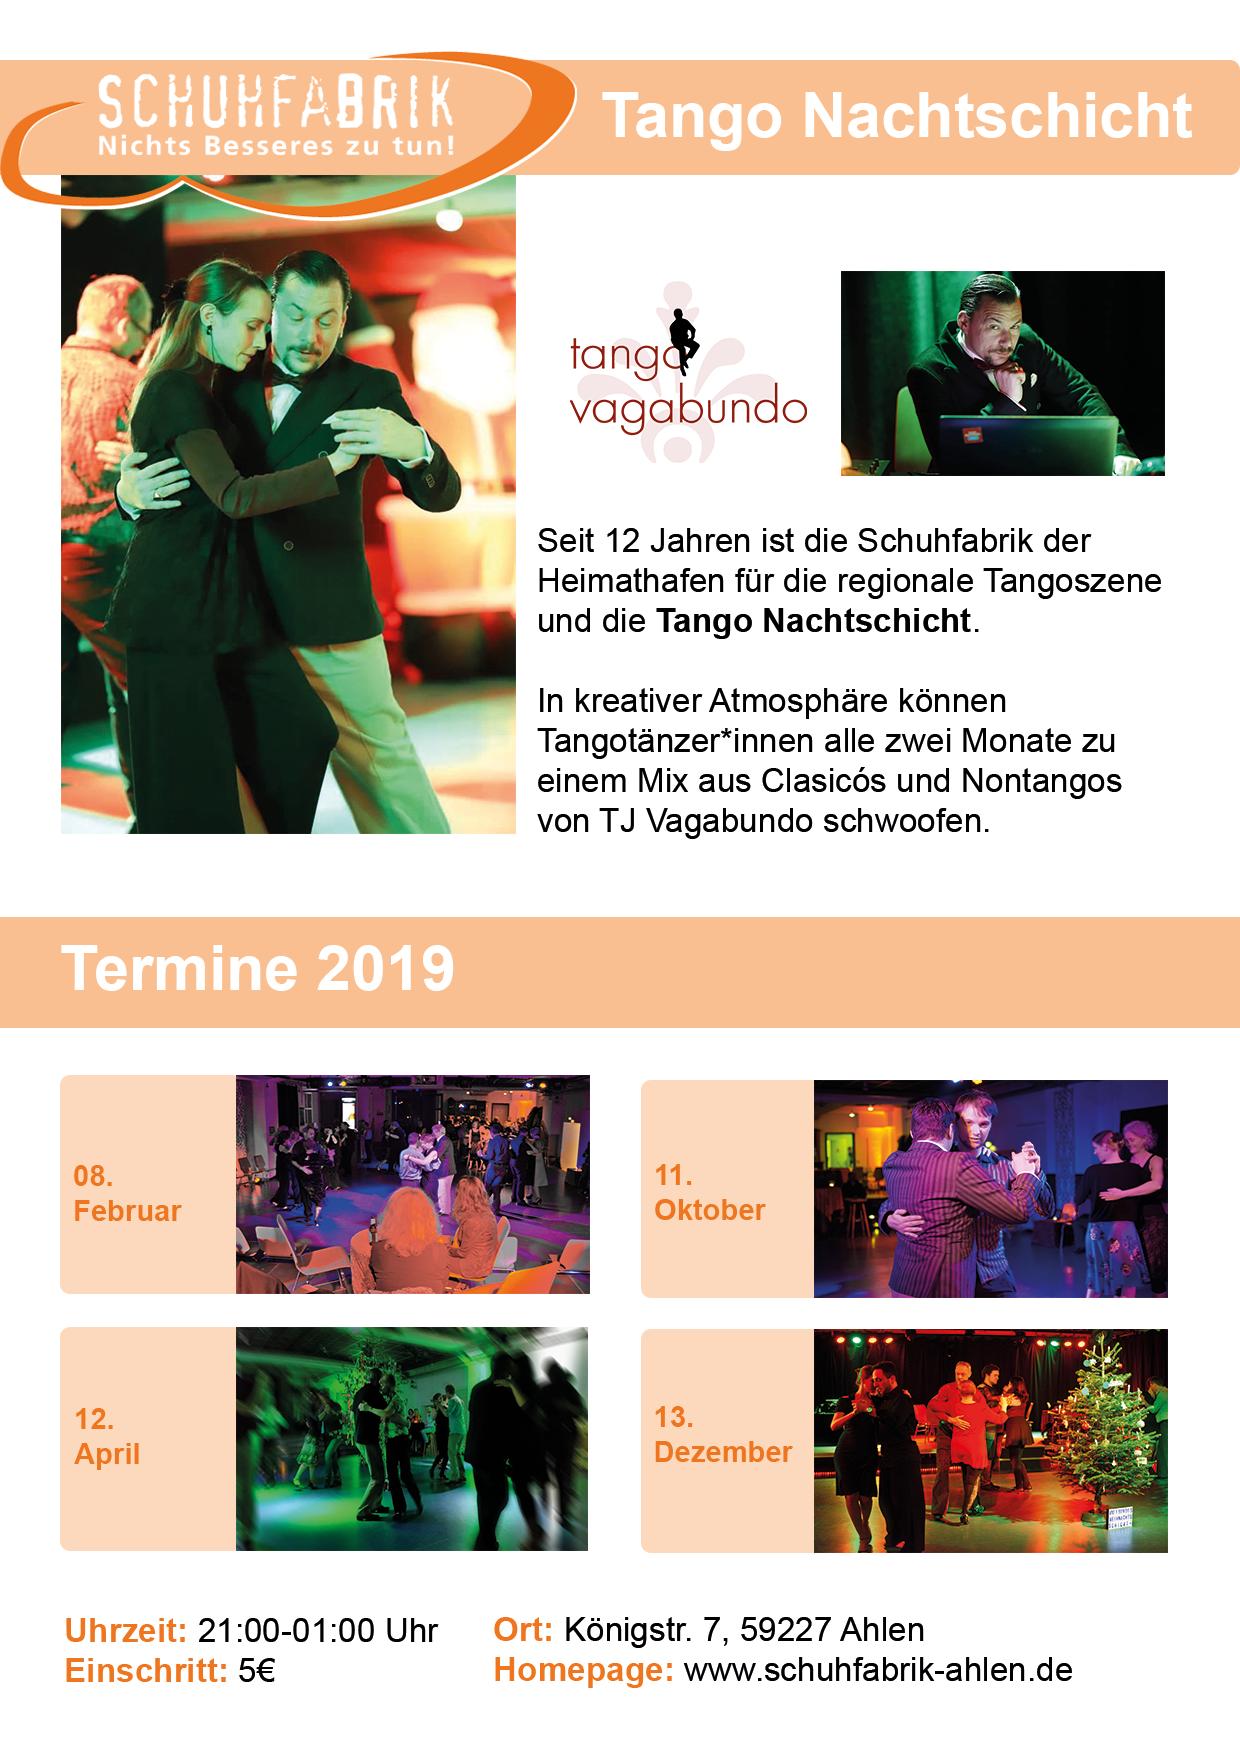 Tango Nachtschicht mit DJ Vagabundo!